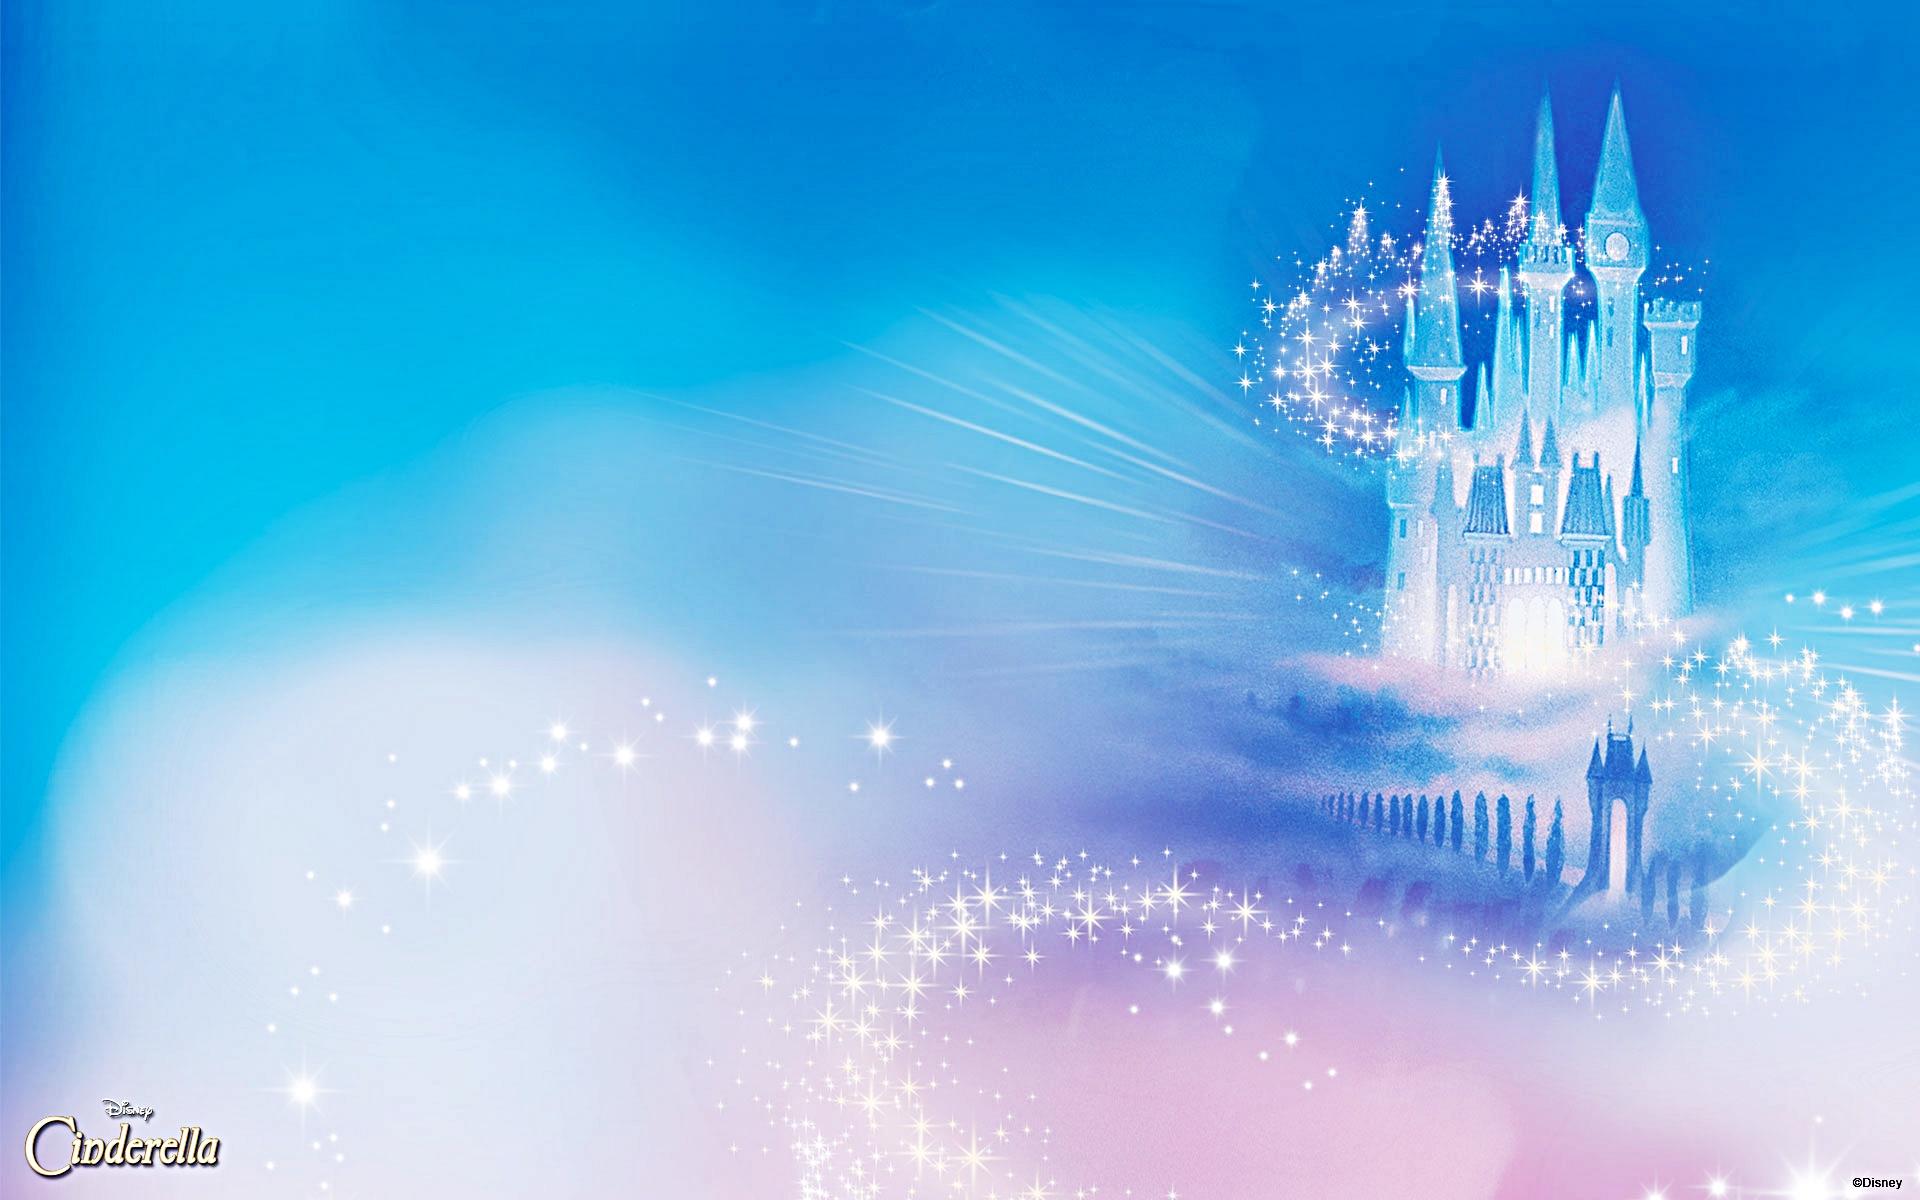 Disney Princess image disney princess 36218591 1920 1200jpg 1920x1200